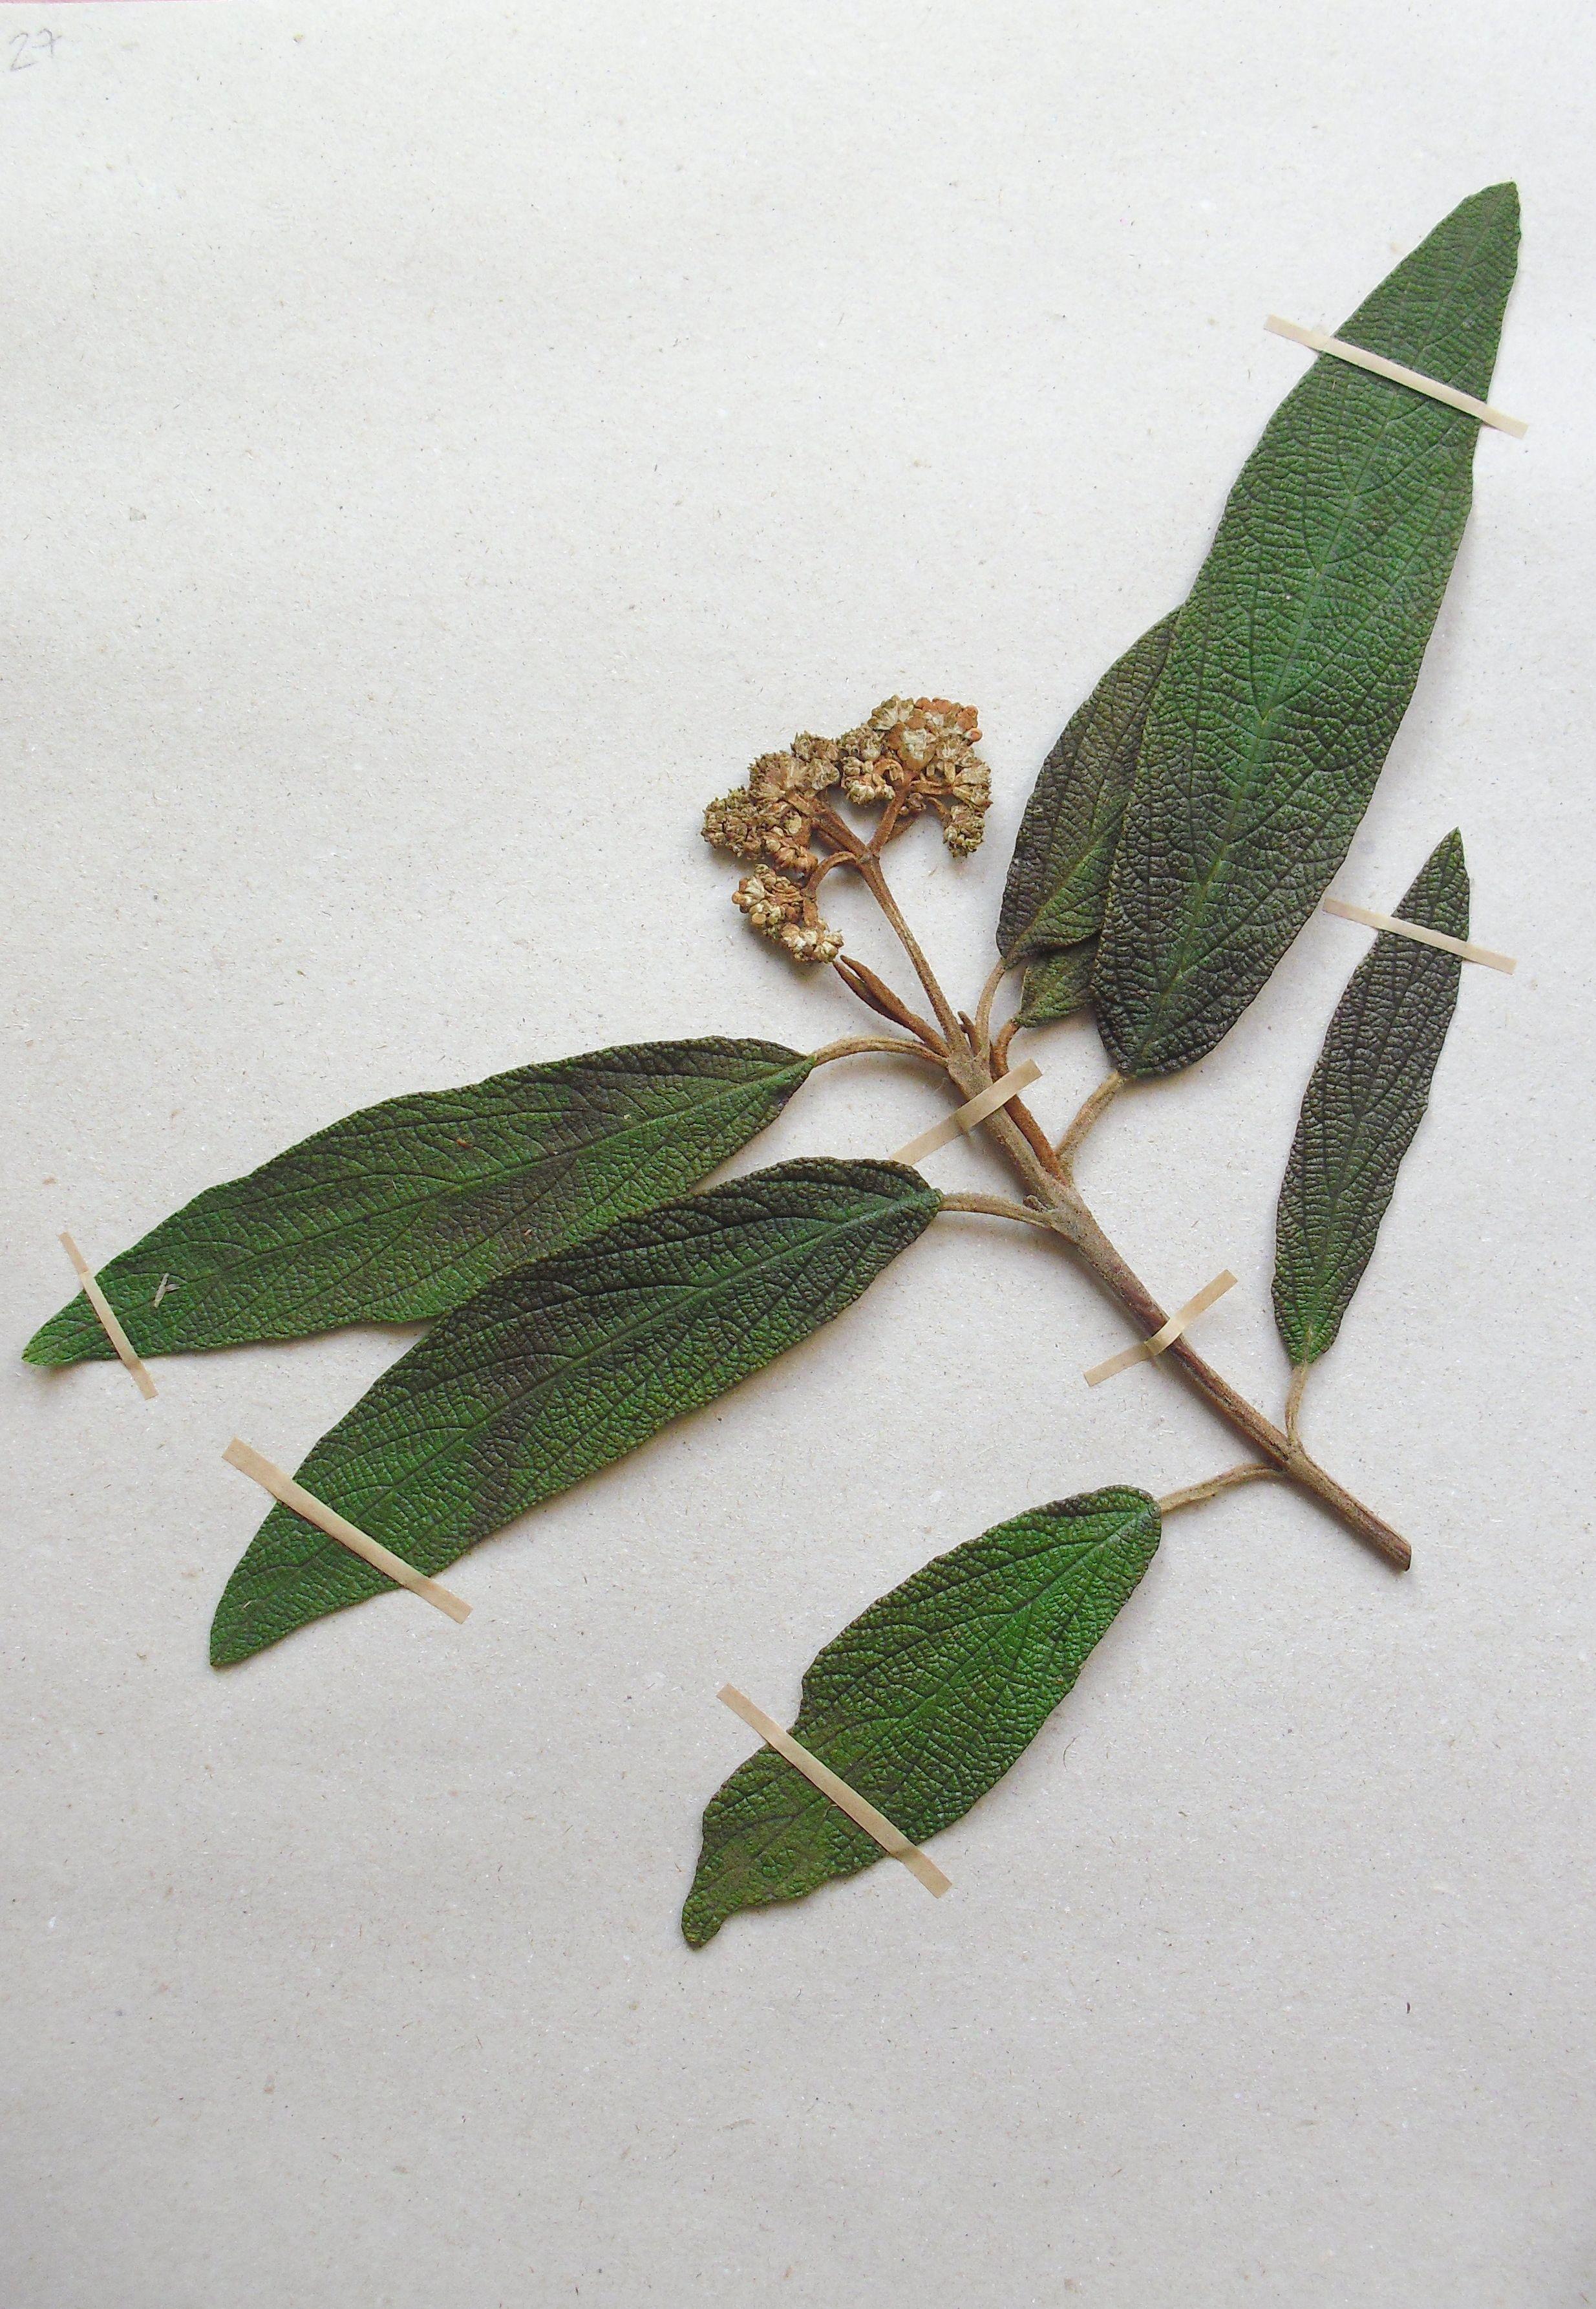 Viburnum rhytidophyllum (Adoxaceae) M. KÁzsia (HOLA